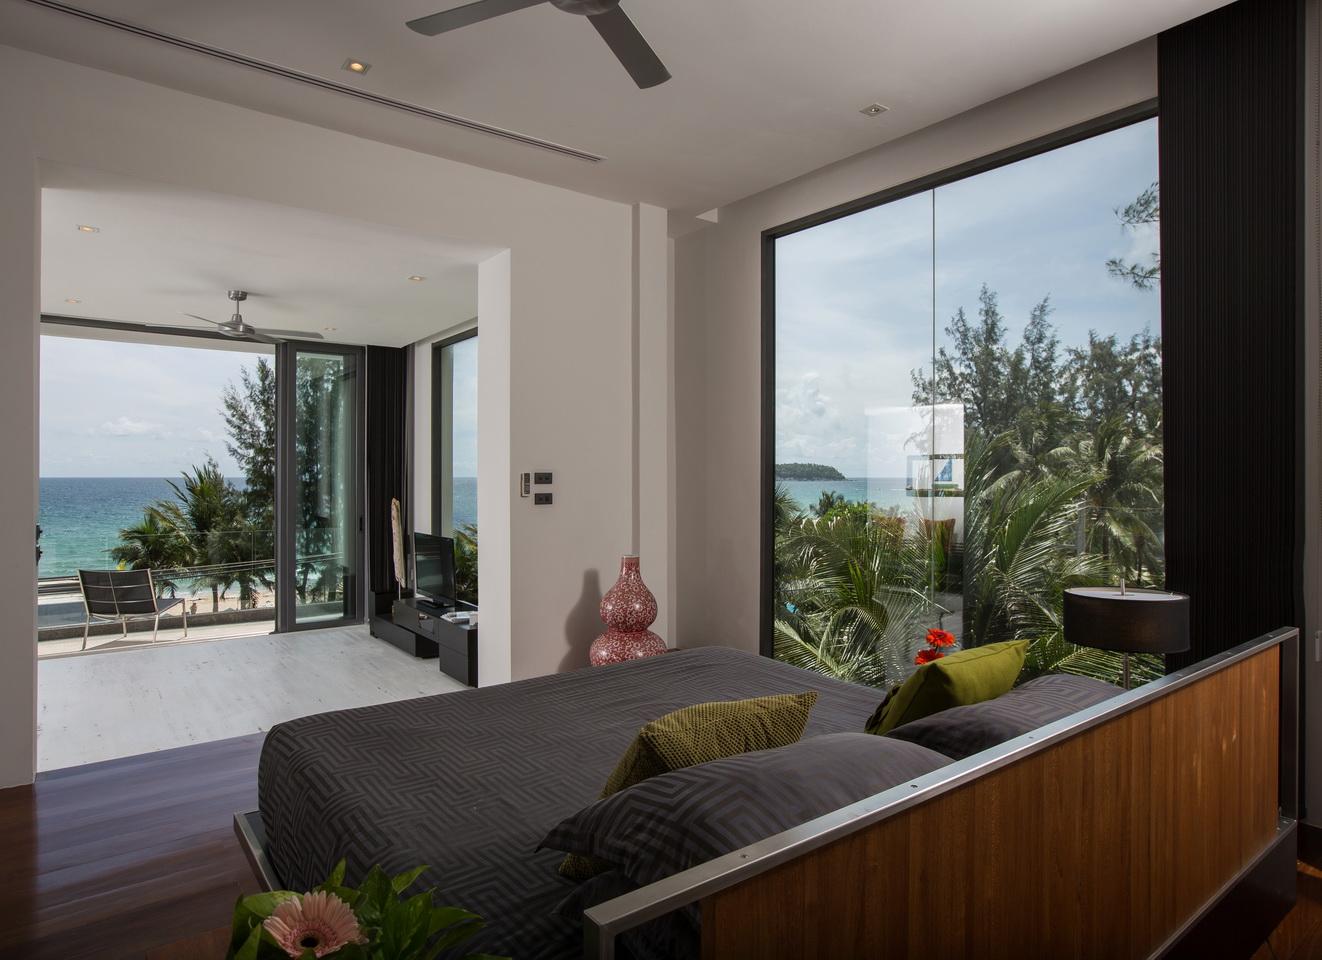 Kata noi beach home